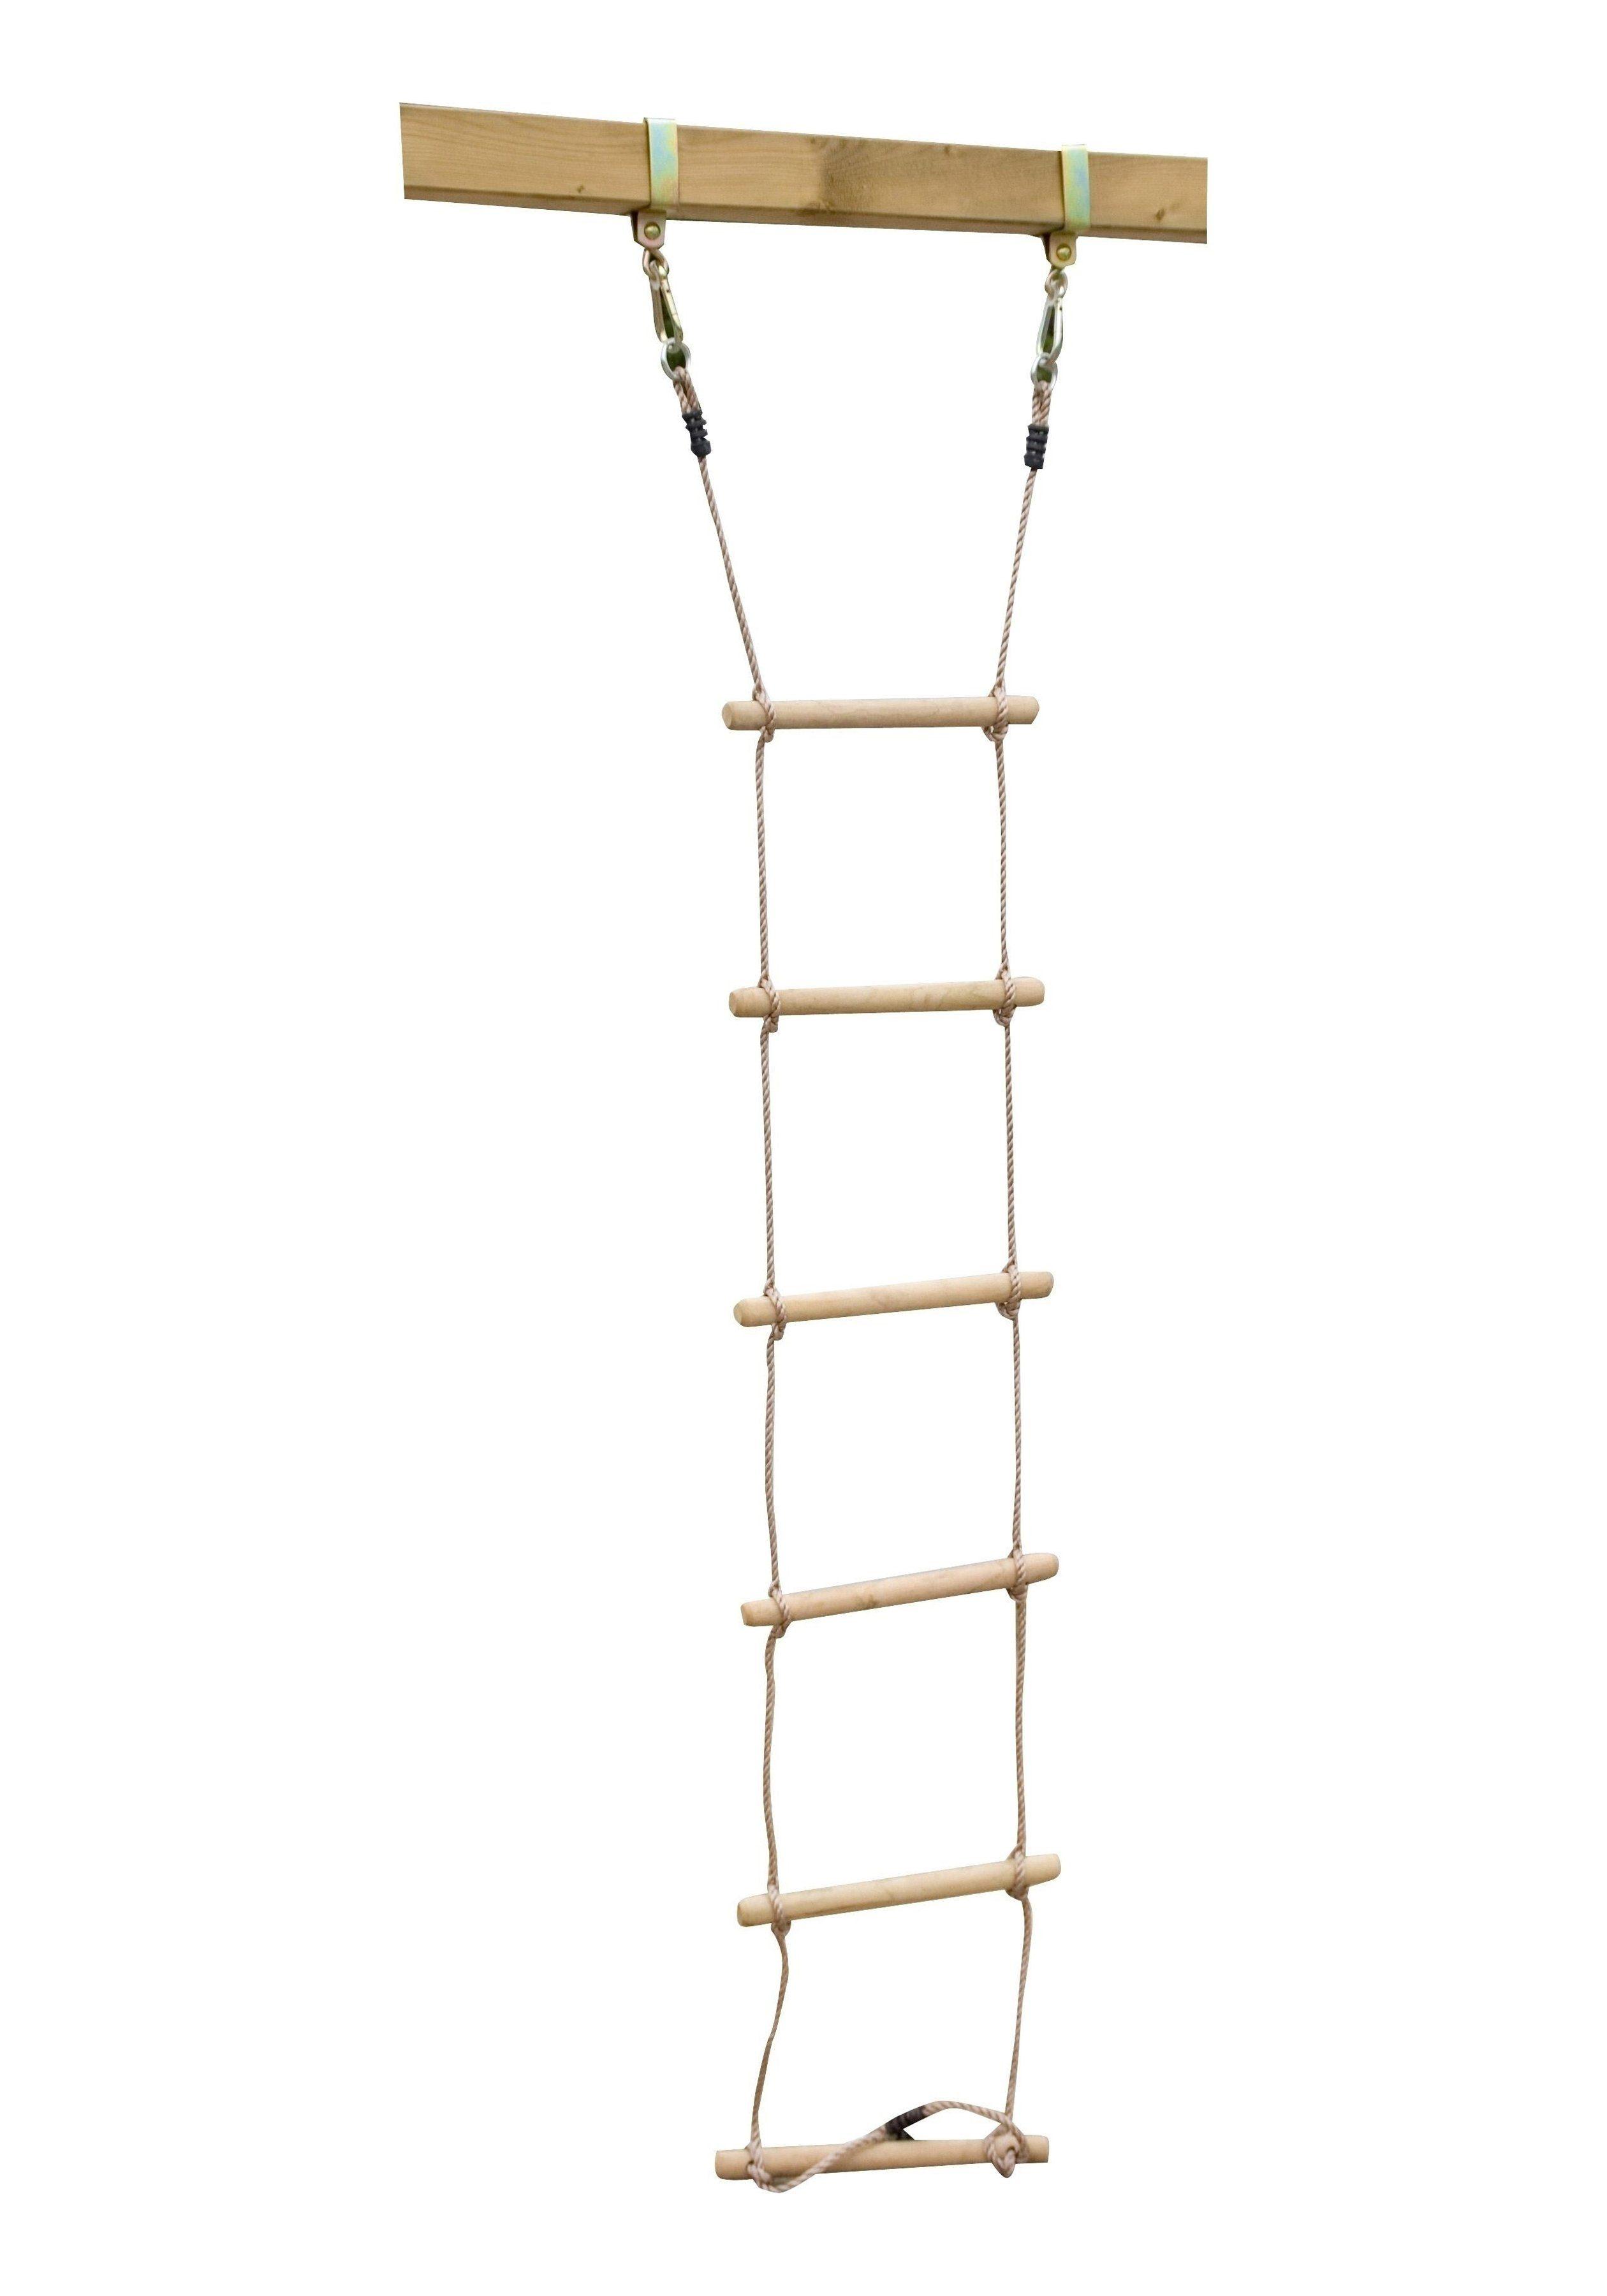 KARIBU Strickleiter , für Spielturm, BxL: 40x210 cm